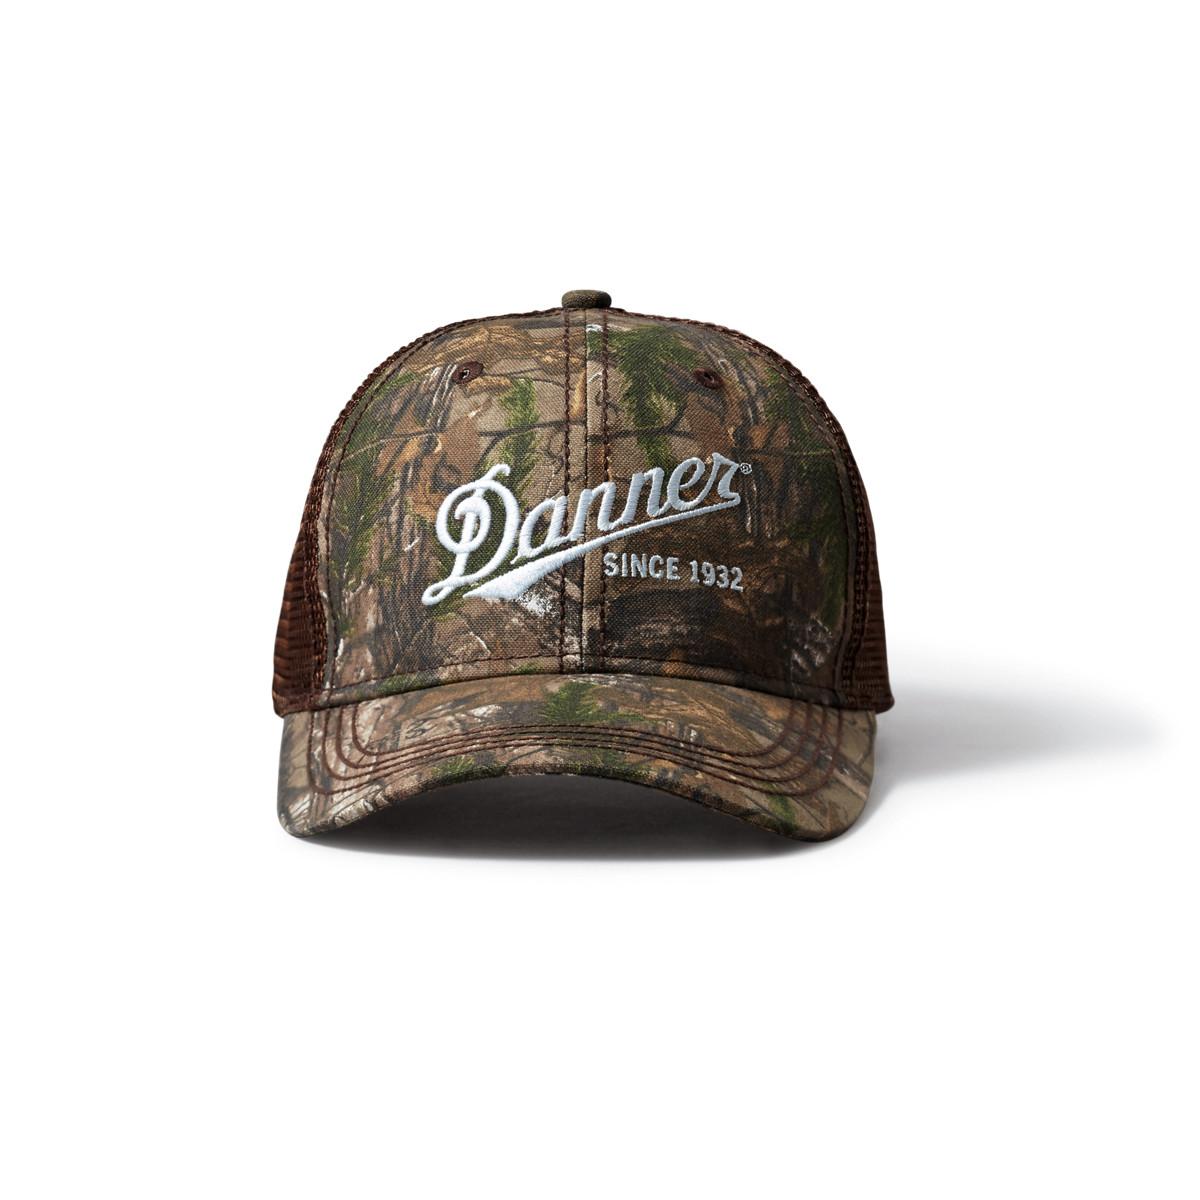 Danner Camo Trucker Hat